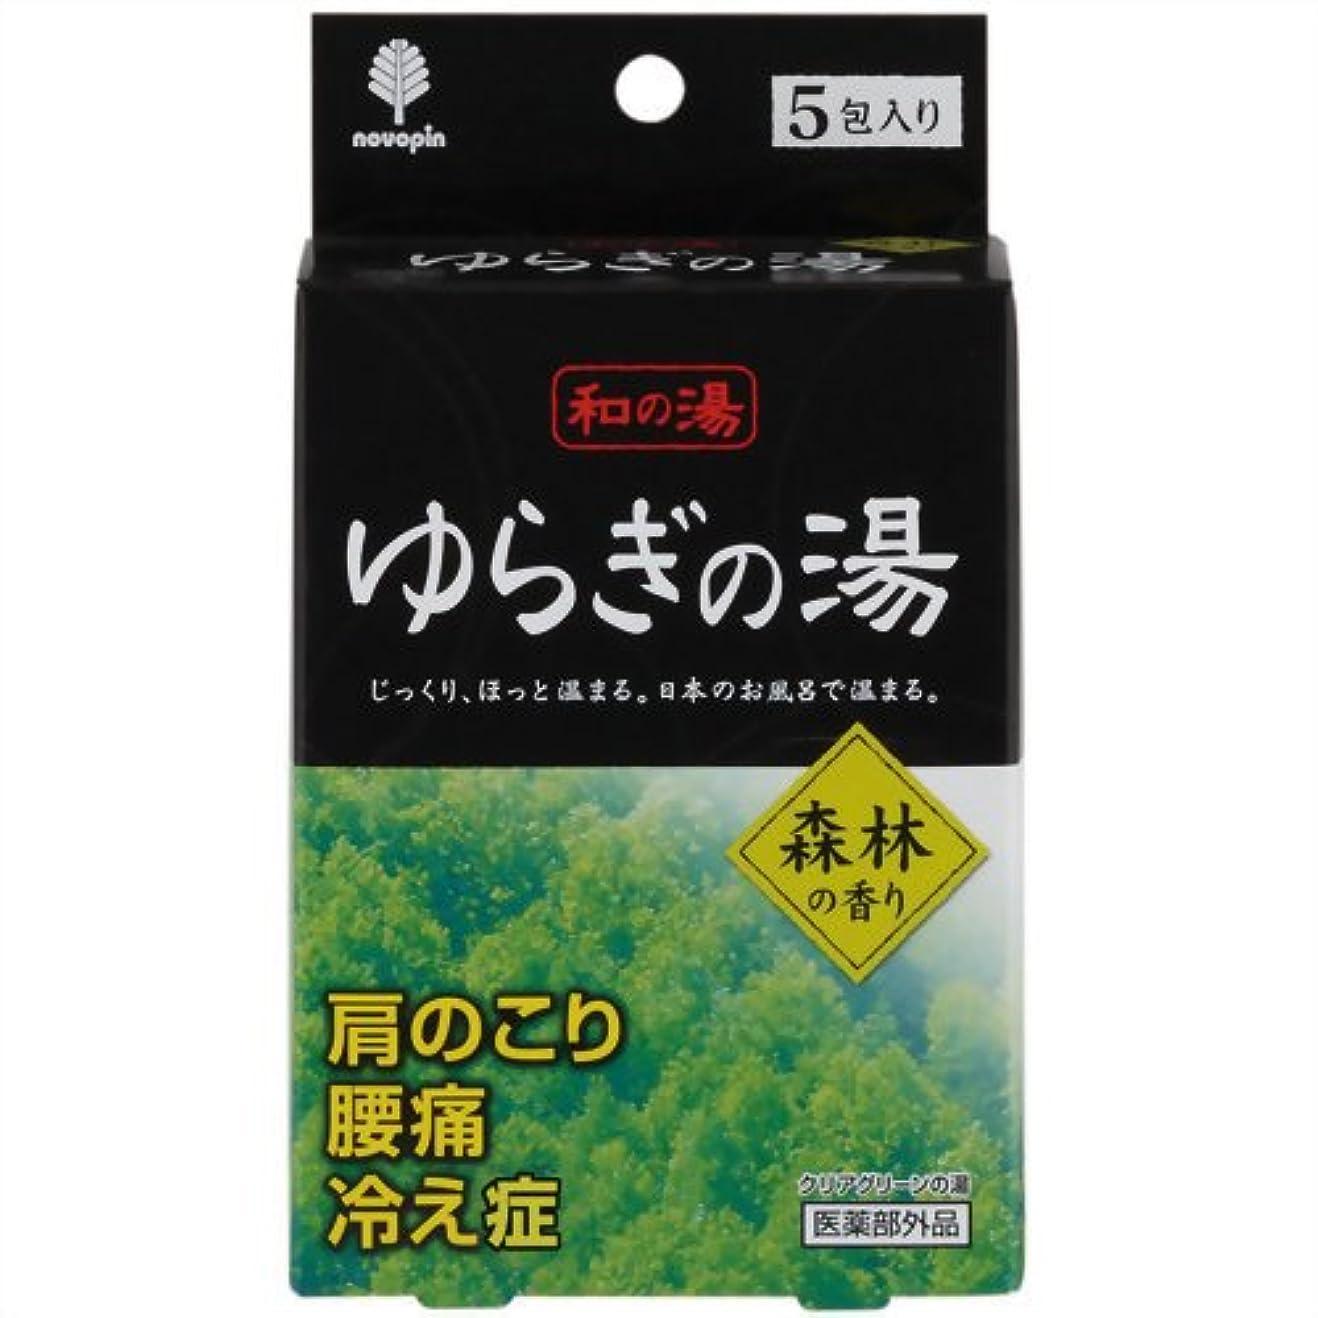 冷酷な効率勝利したゆらぎの湯 森林の香り 25g×5包入